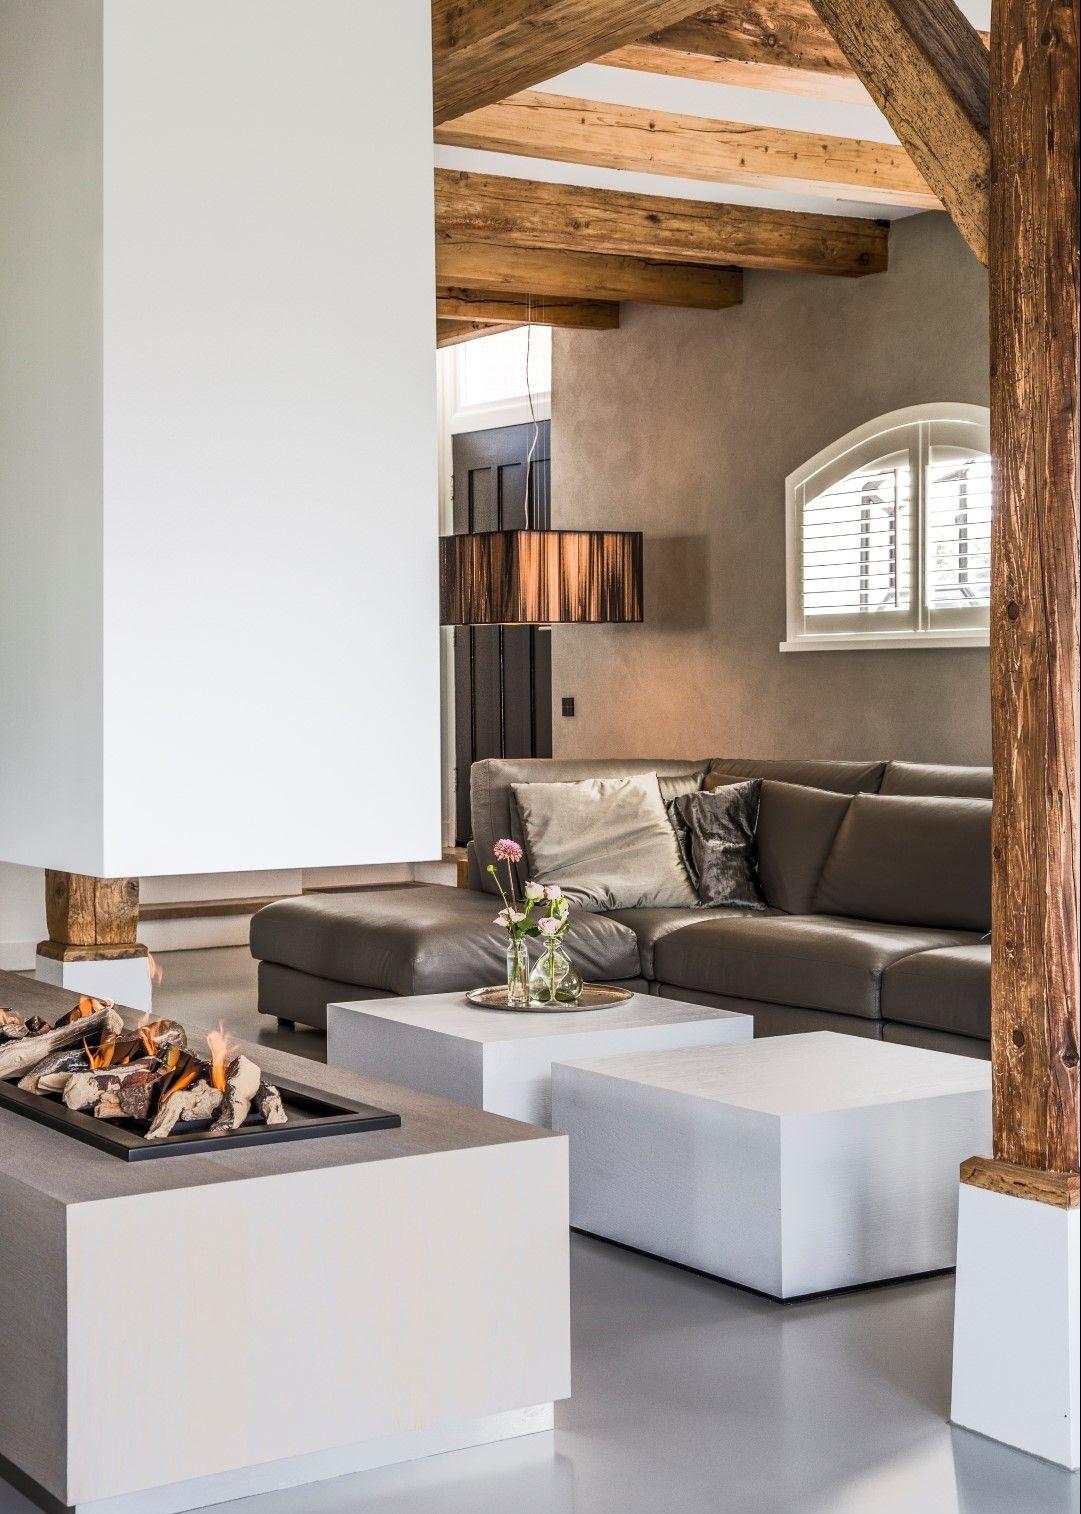 Hoe krijg je een landelijke stijl landelijkwonen blog for Landelijke woonkamer tips